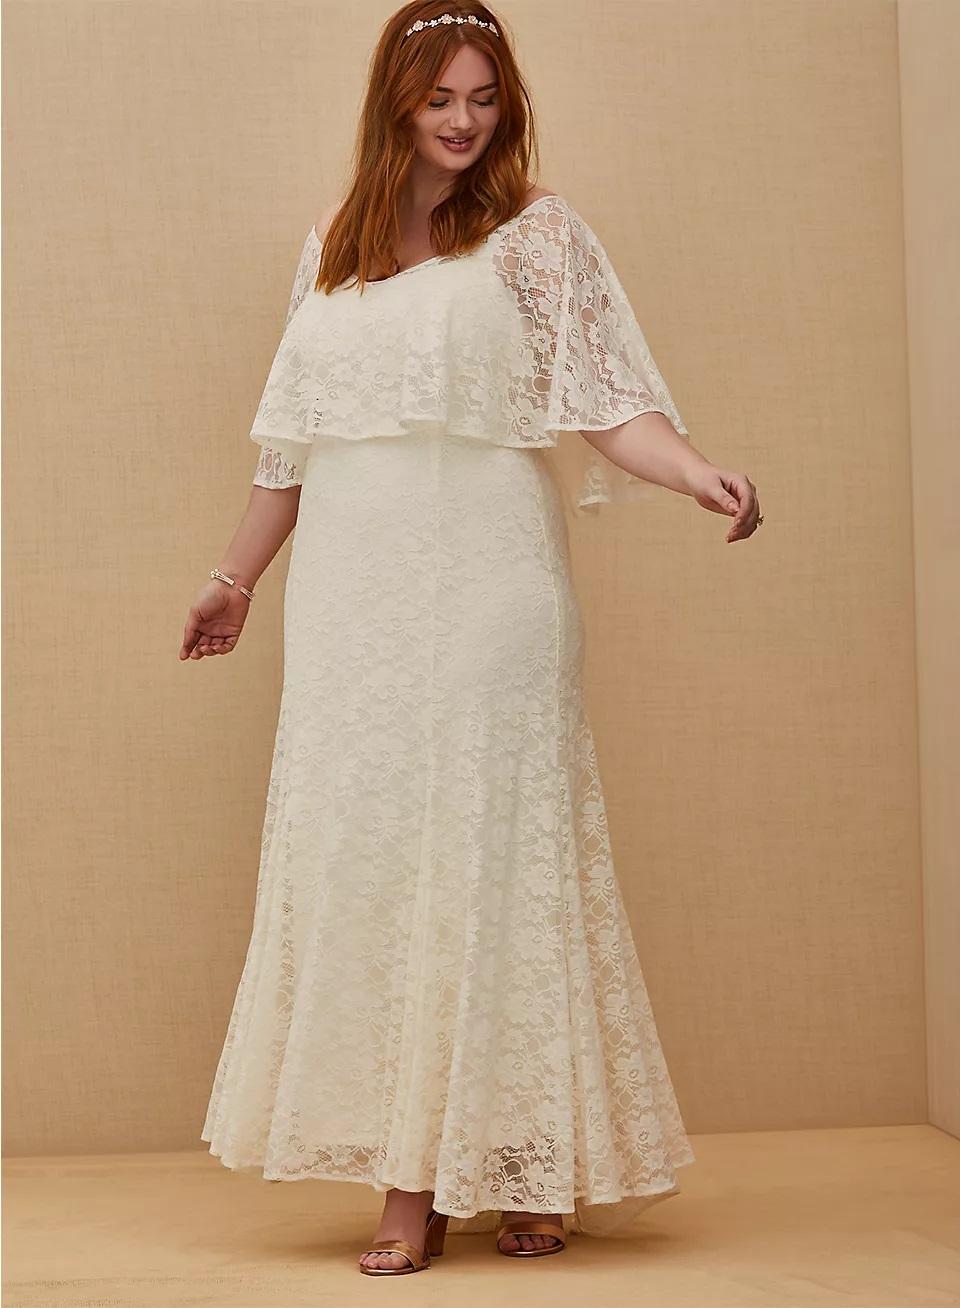 torrid lace wedding dress in plus size